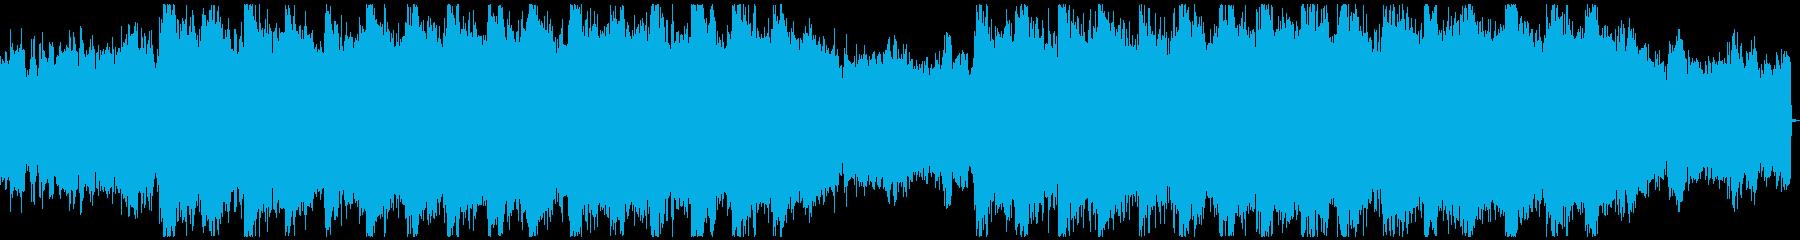 怪しく不気味なニュアンスのBGMの再生済みの波形